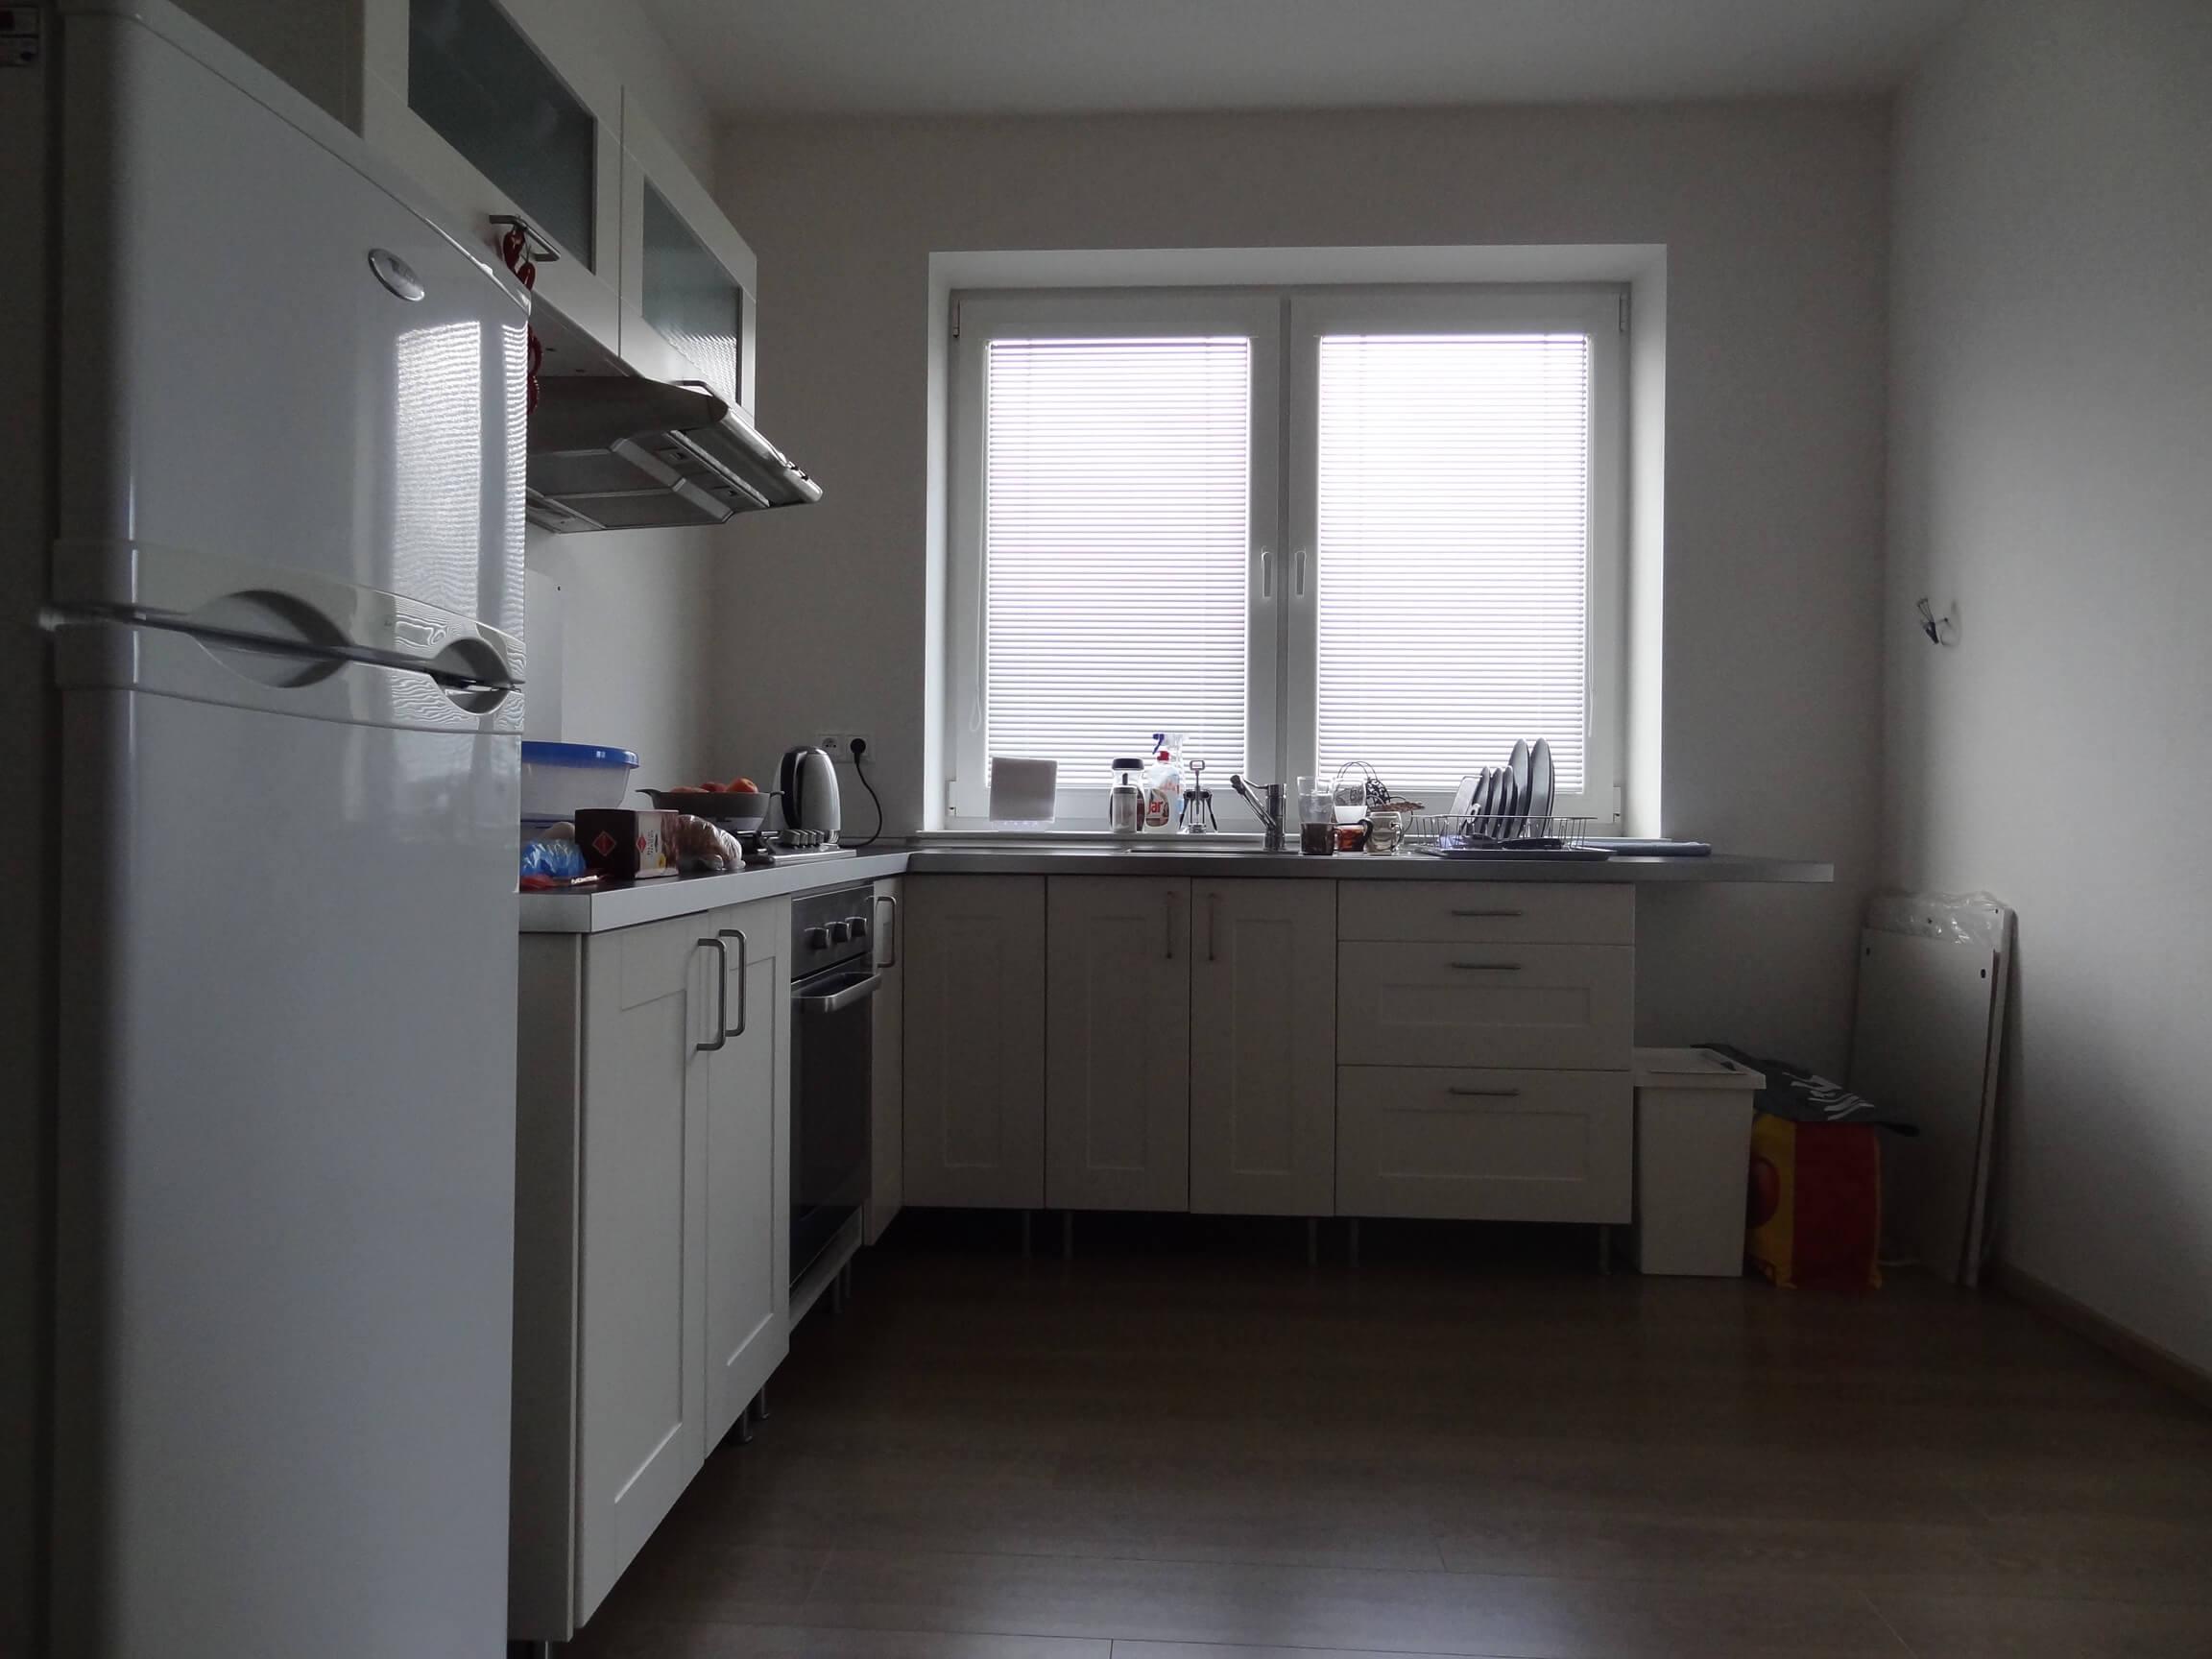 Rezervovaný: Exkluzívne na predaj 3 Izbový byt v novostavbe, 87,2m2, loggia 7,4m2, Družstevná, Hamuliakovo-7